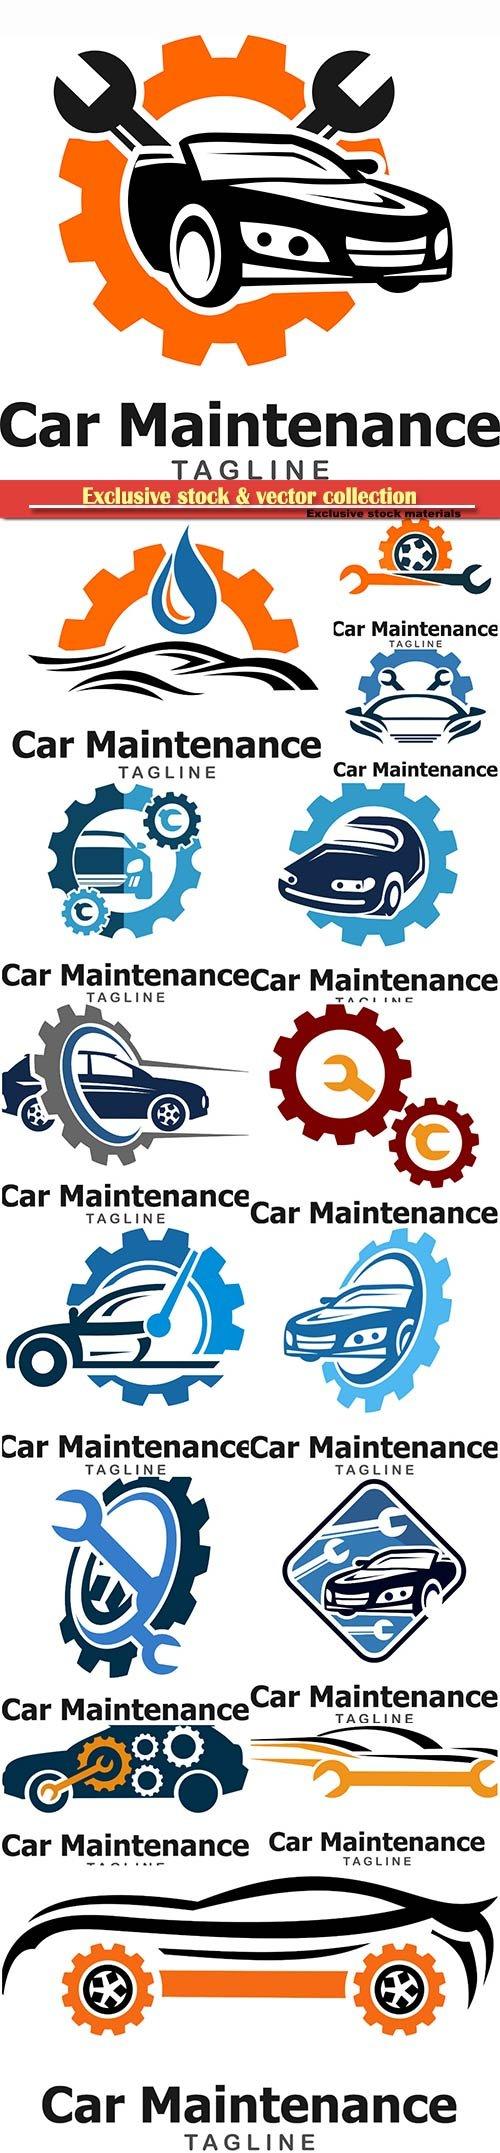 Car maintenance and repair vector logo